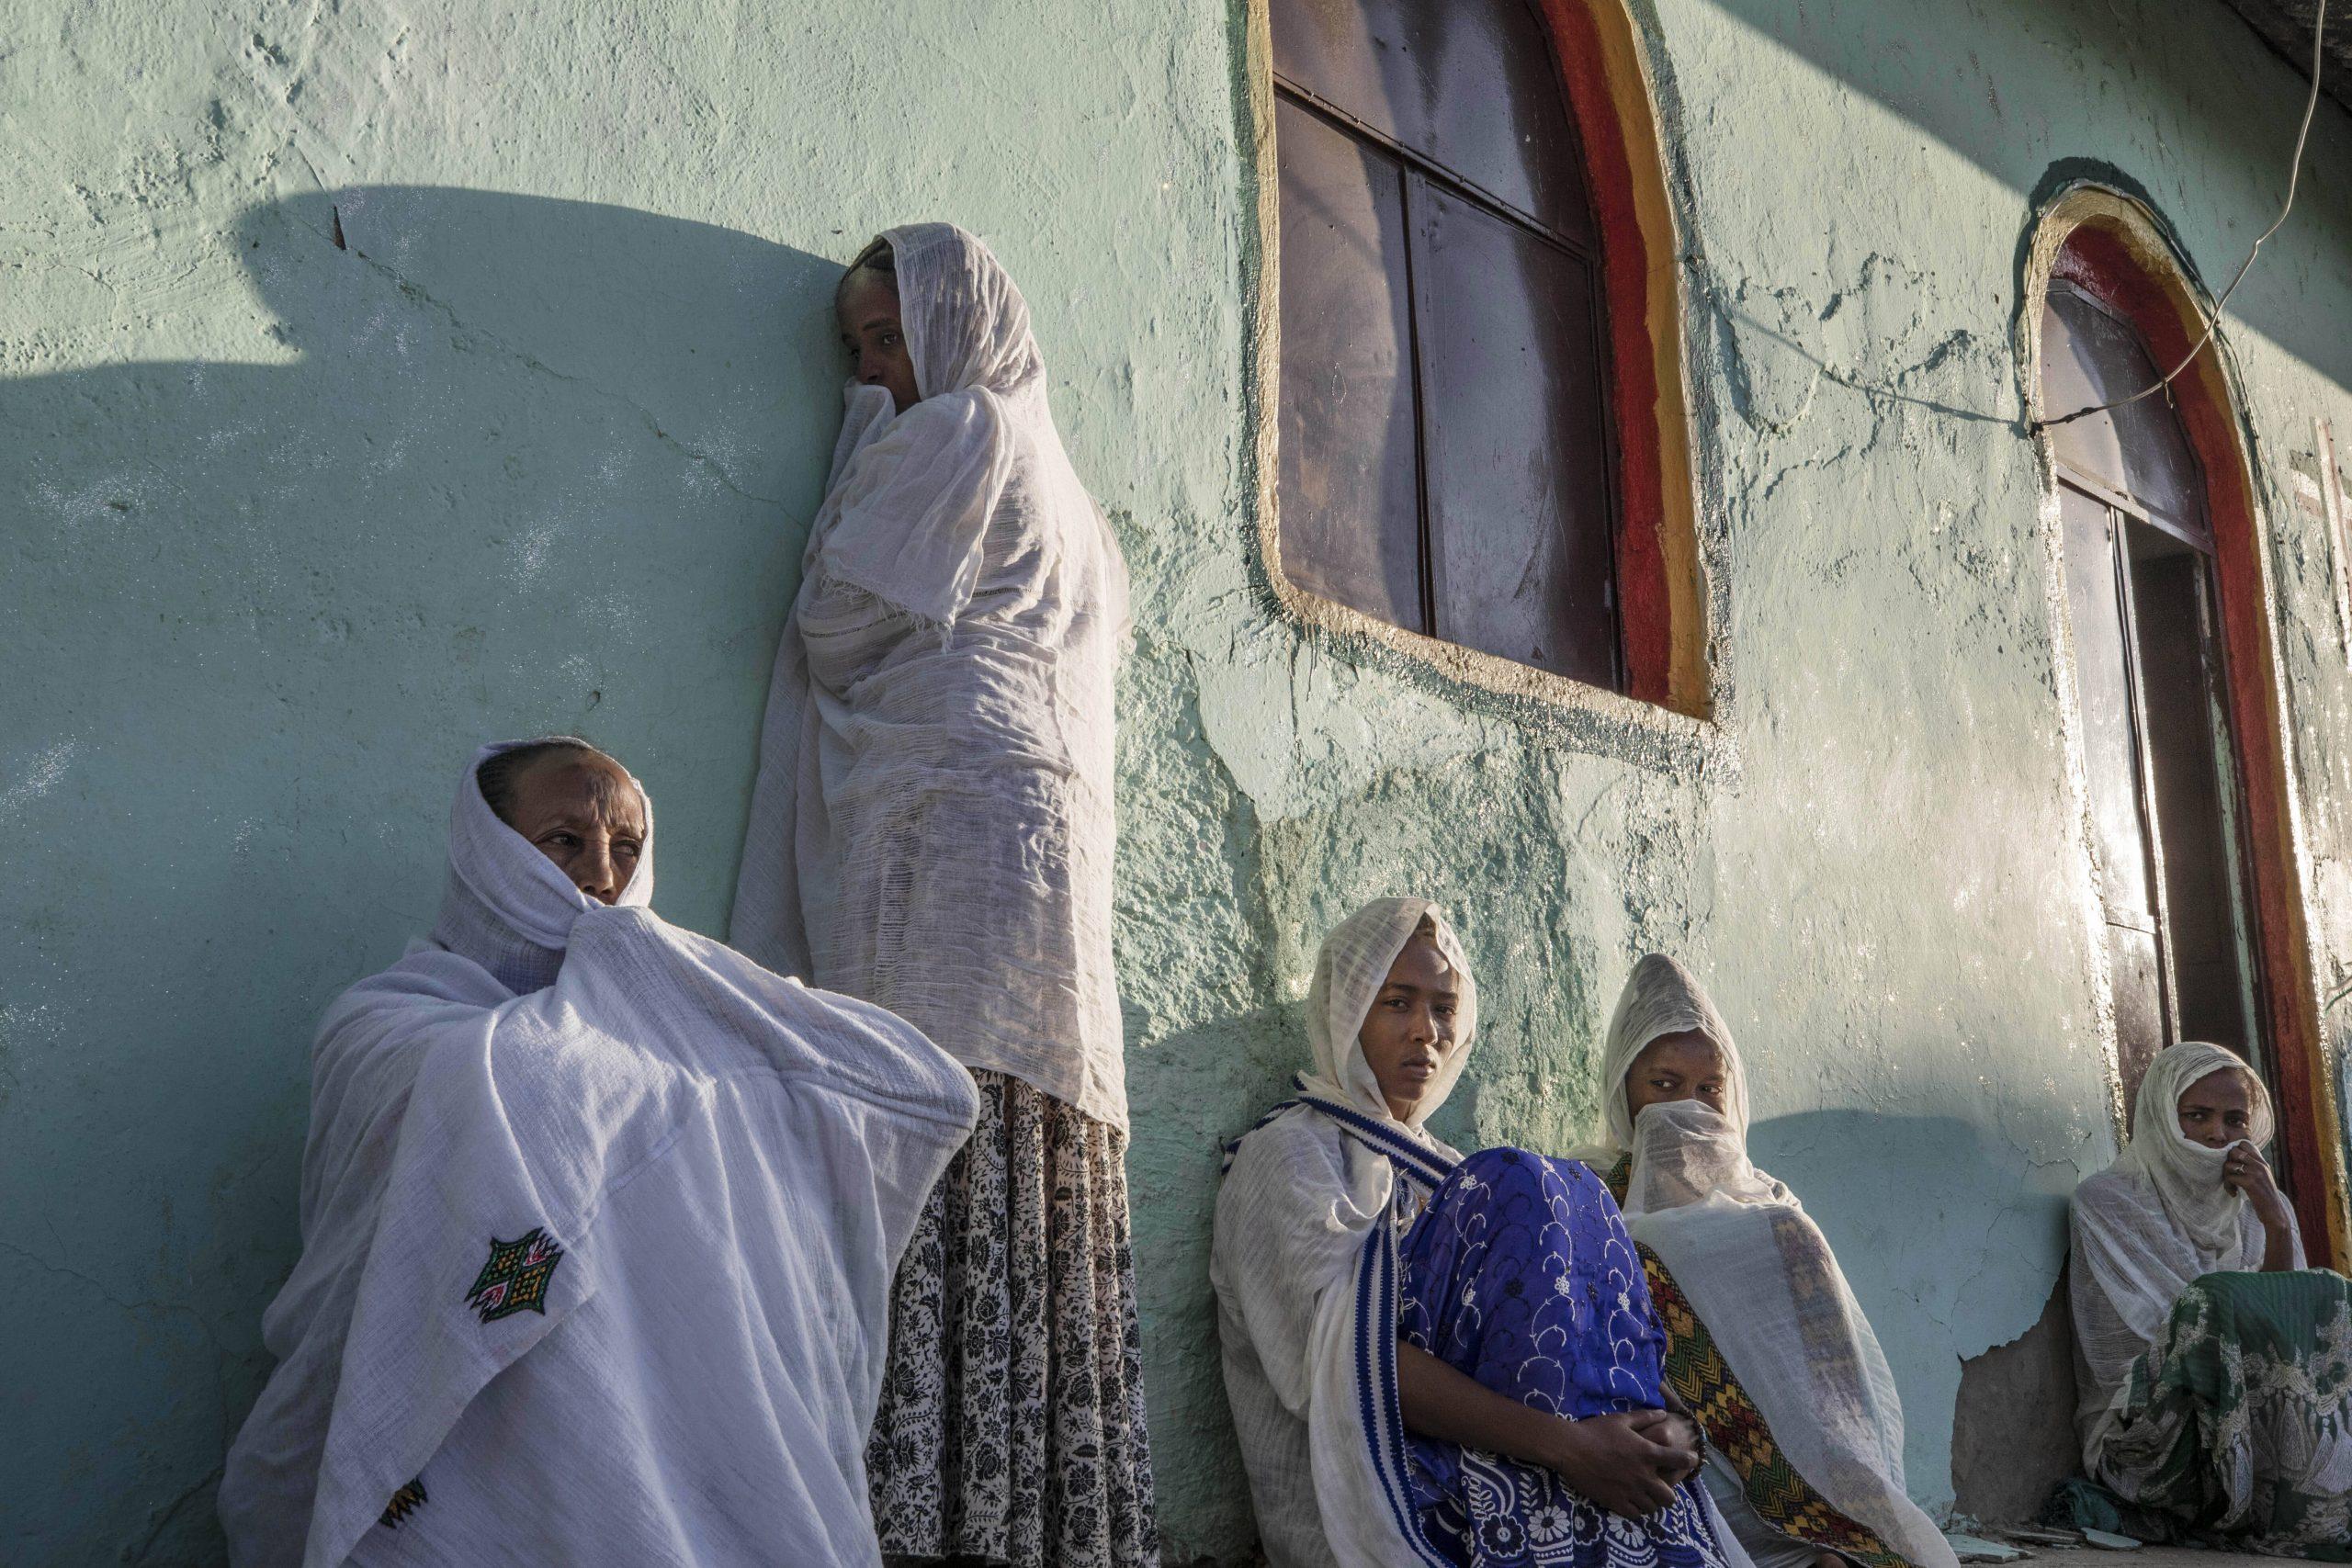 Des réfugiées tigréennes prient lors d'une messe au camp de Qadarif, près de Umm Rakouba, dans l'est du Soudan, le 29 novembre 2020.